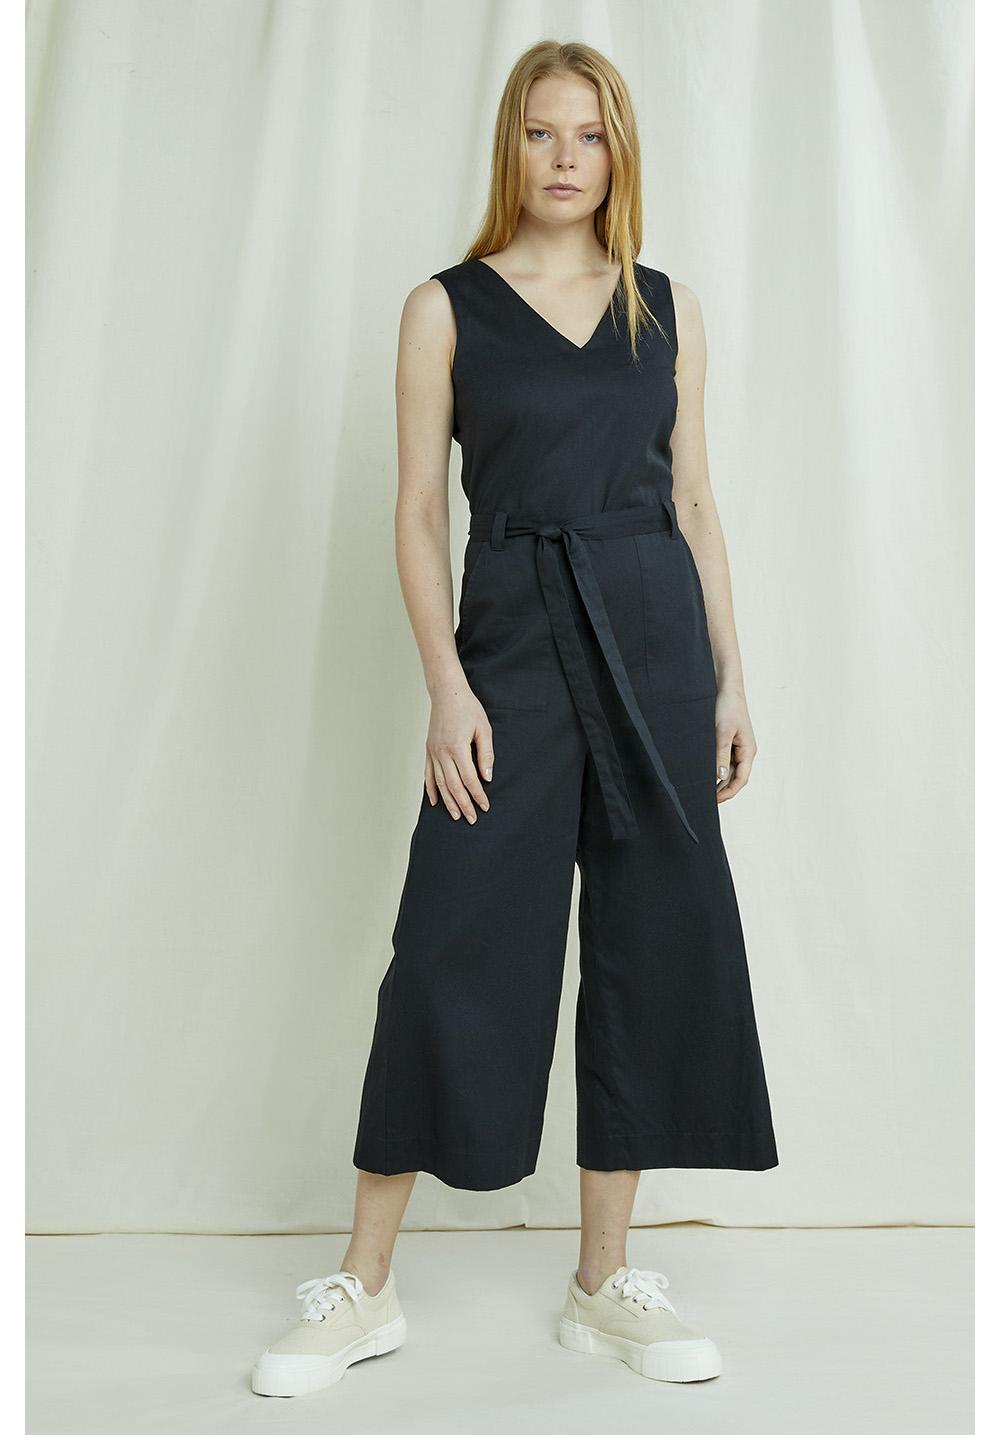 Vesta Jumpsuit In Black